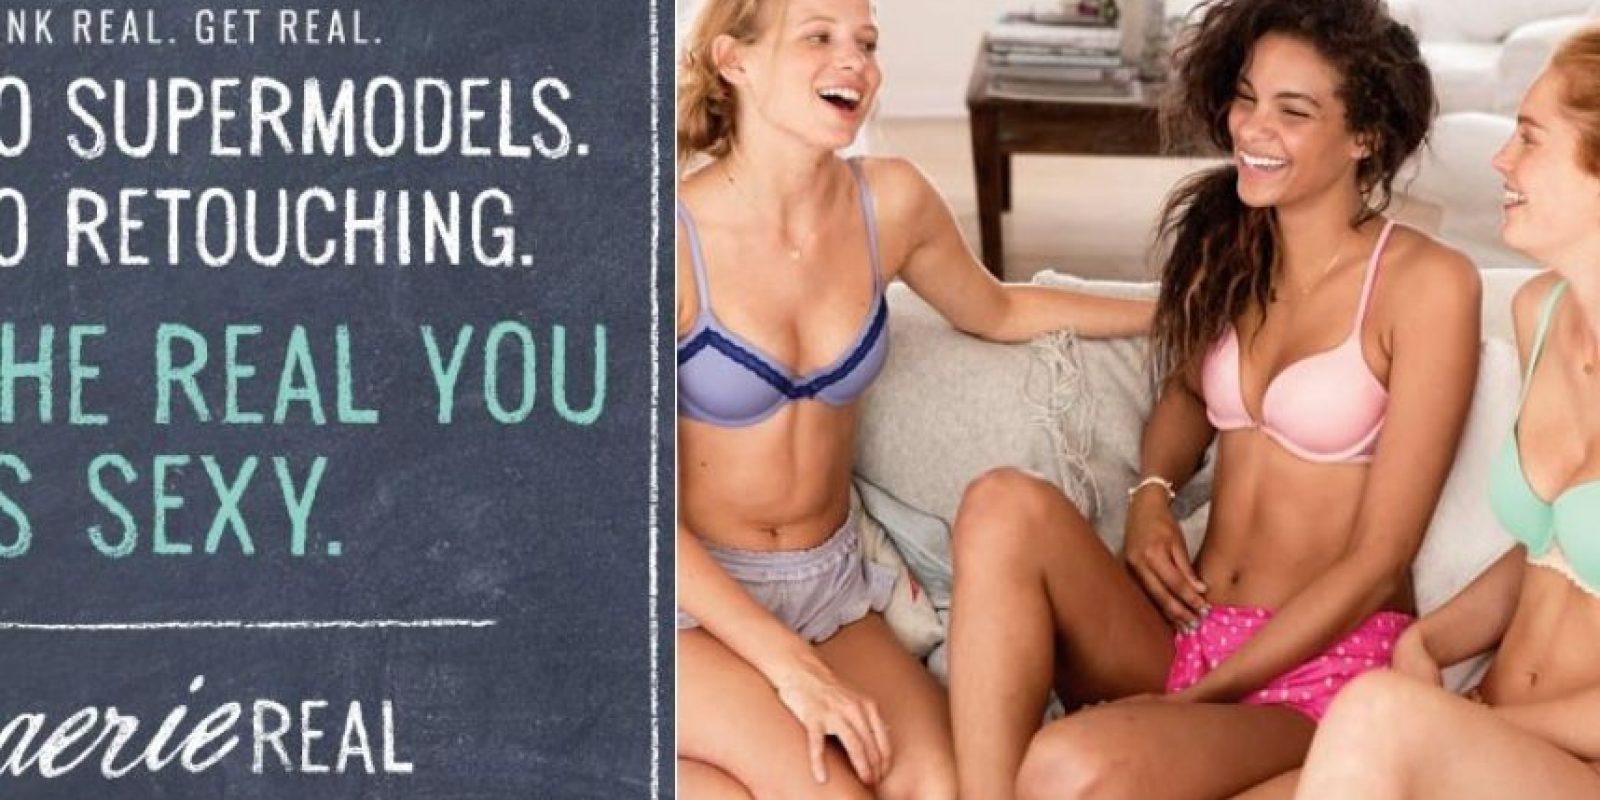 """""""La verdadera tú es sexy"""", dice la campaña de Aerie, la línea de lencería de American Eagle Foto:Aerie.com"""